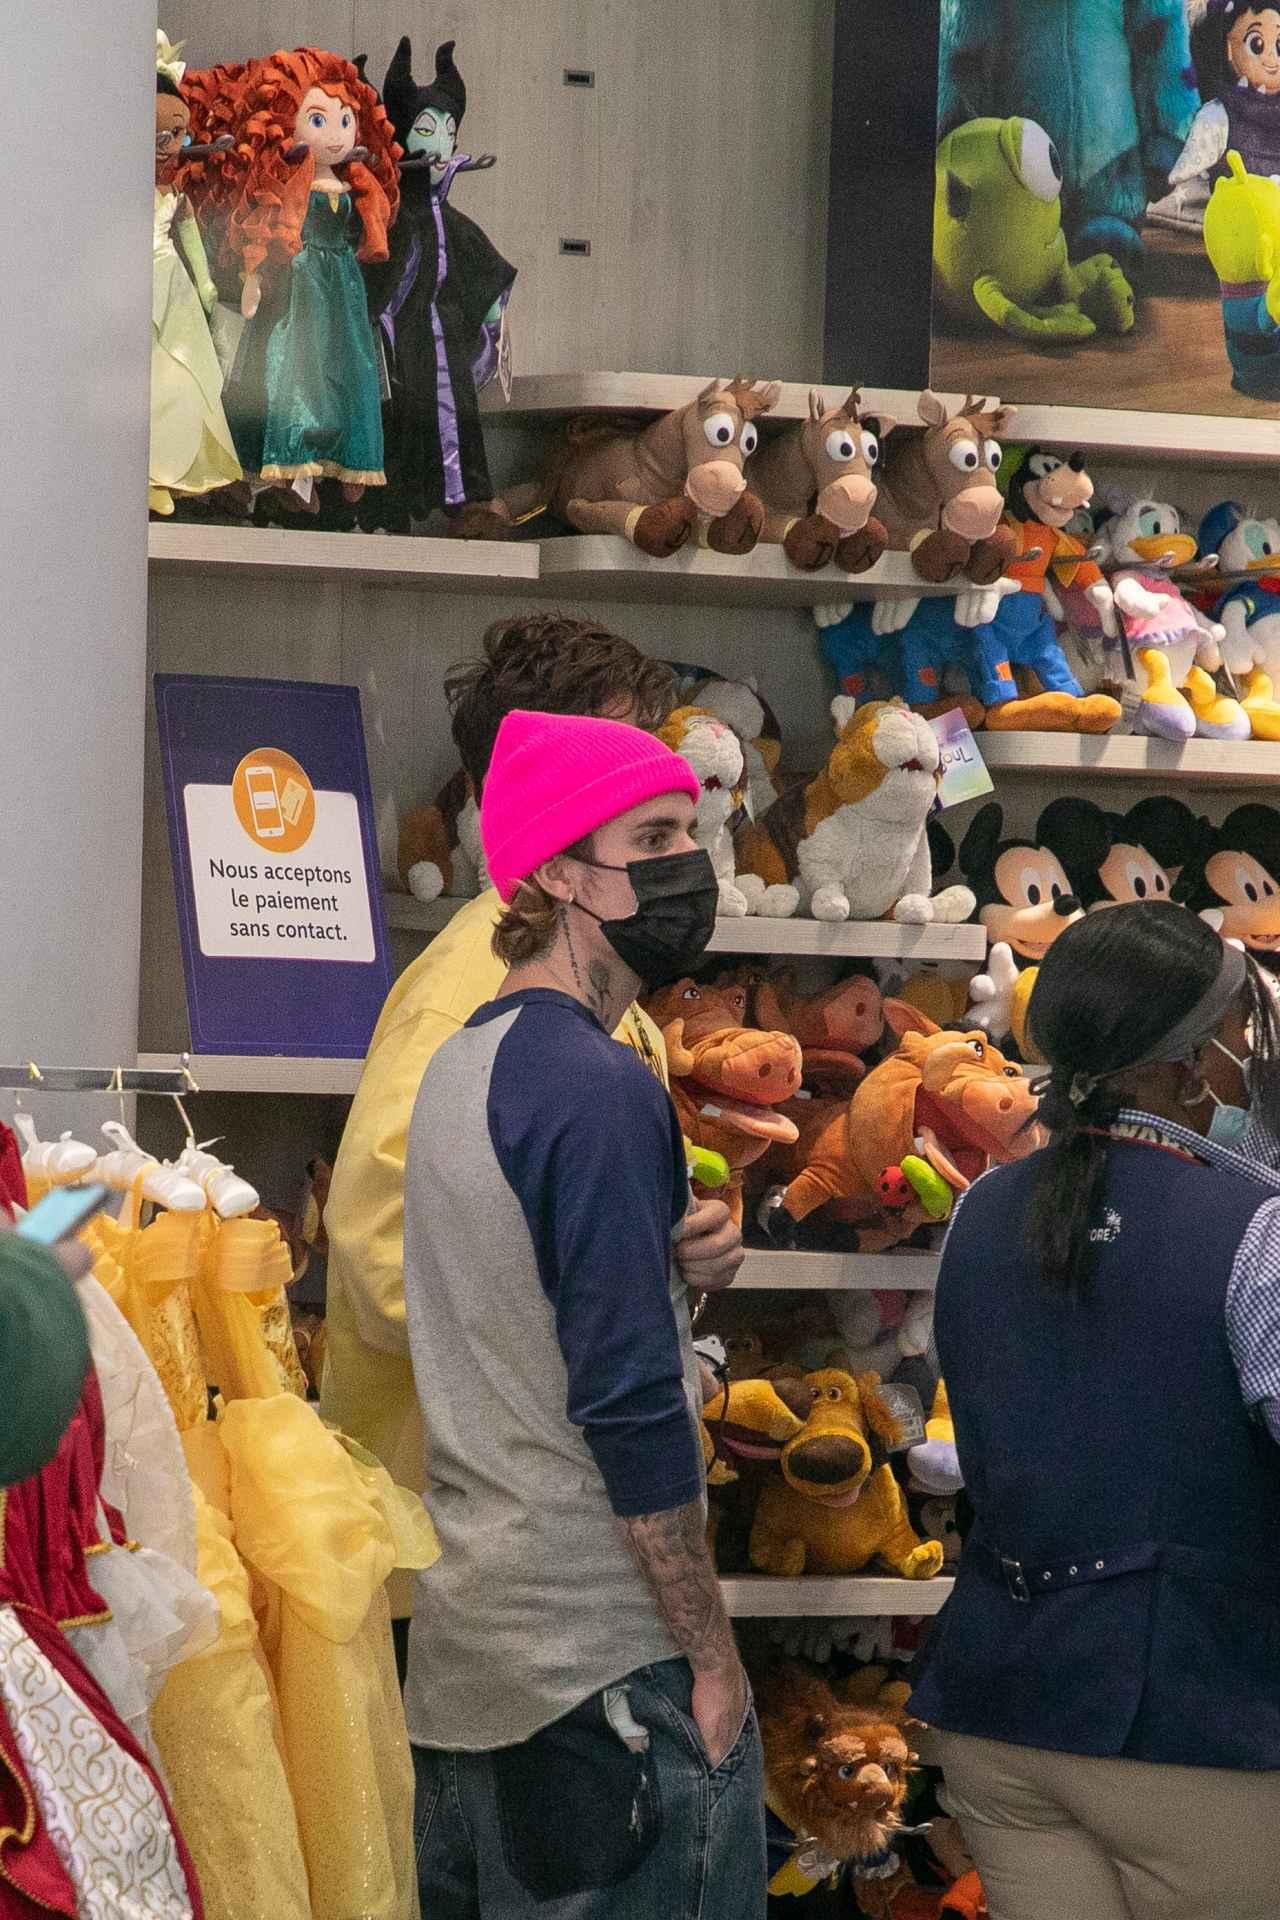 画像3: ディズニーストアで買い物中のジャスティン・ビーバーを激写